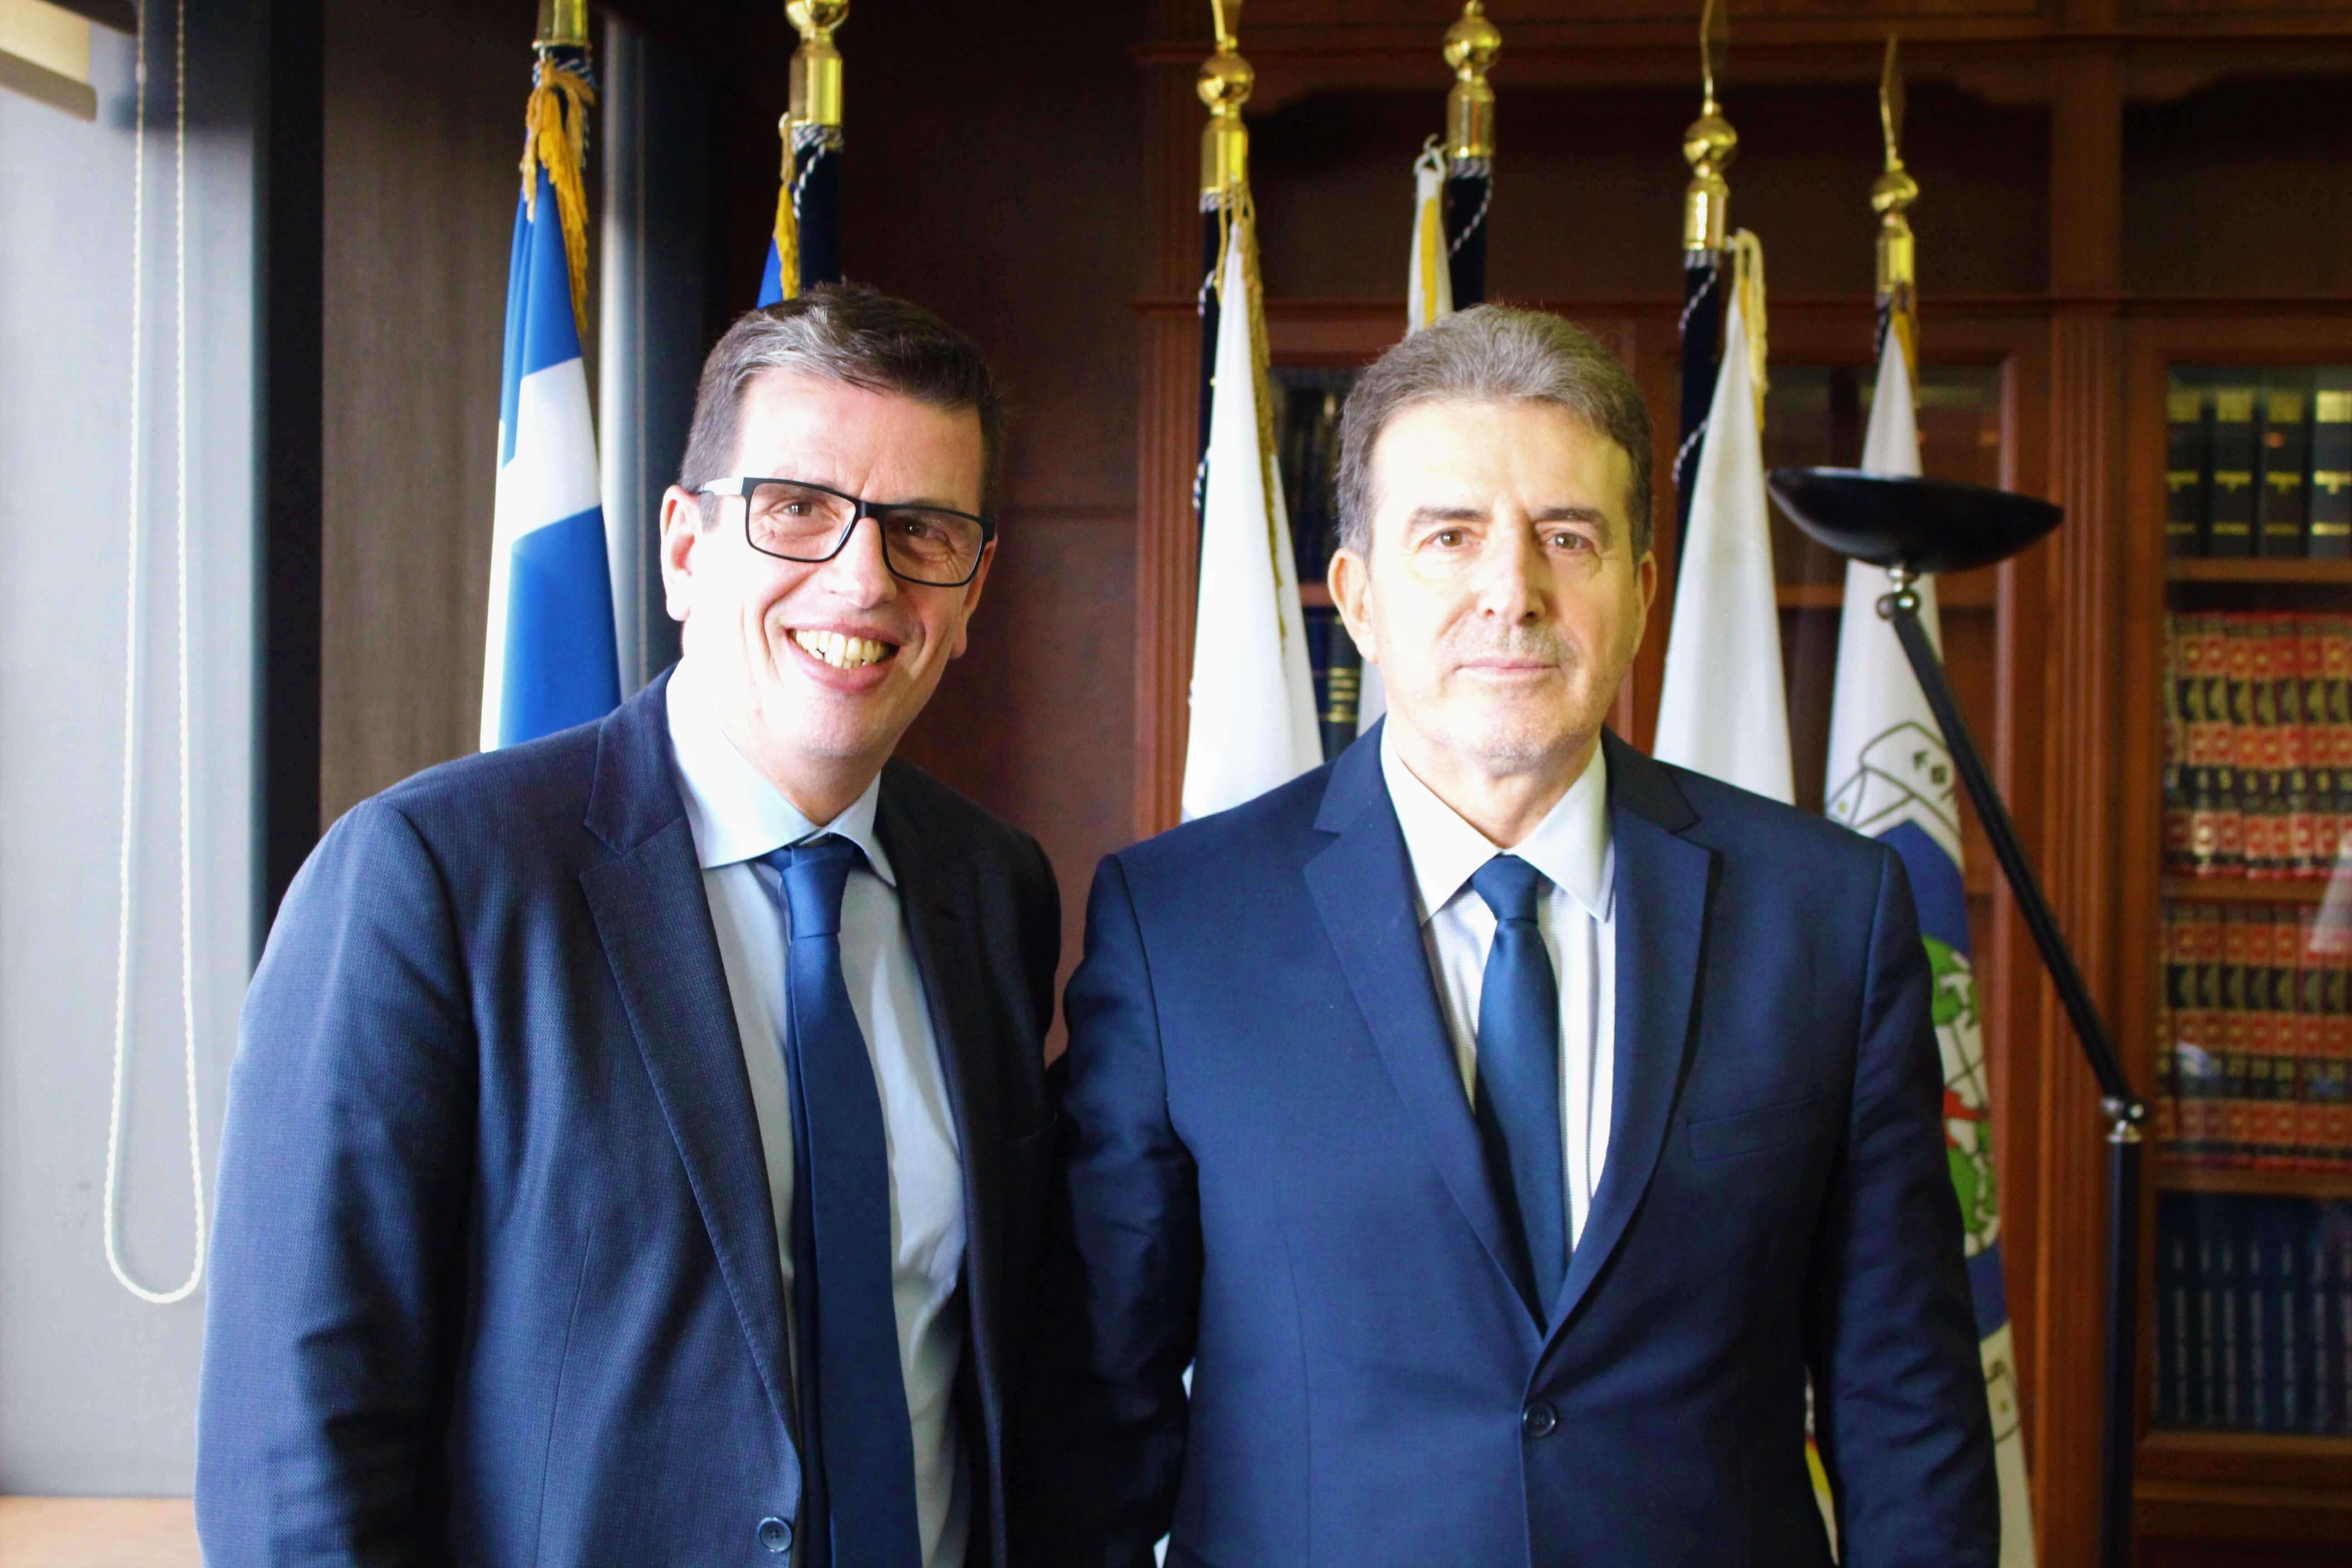 Συνάντηση με τον Υπουργό Προστασίας του Πολίτη Μιχάλη Χρυσοχοΐδη (15.01.2020)